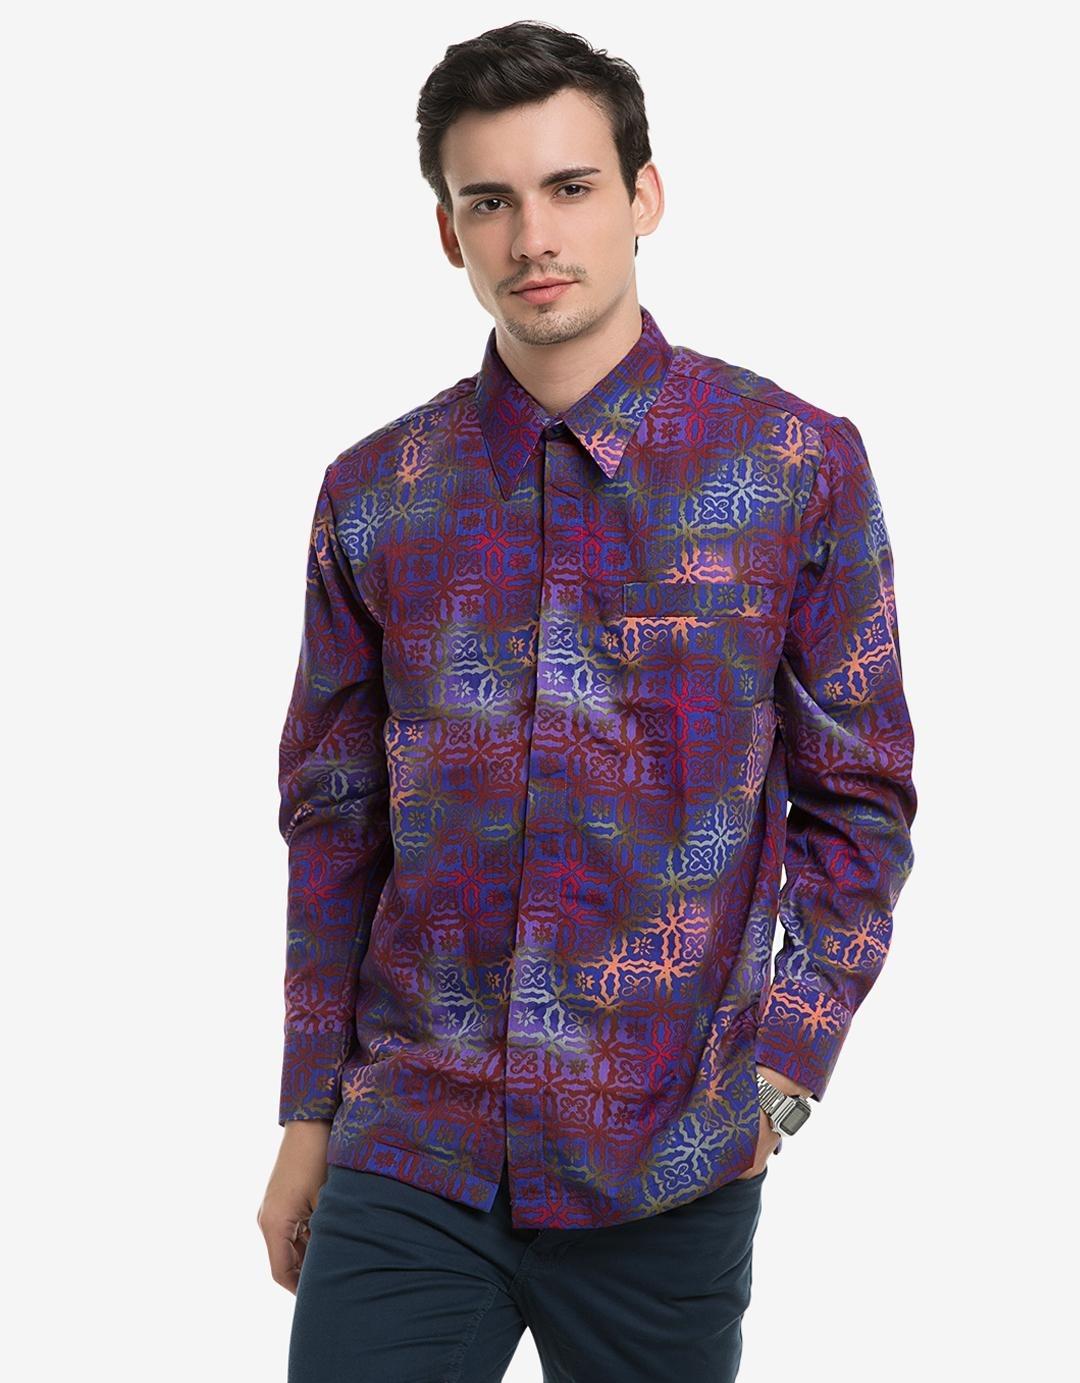 Tampil Maskulin dengan Baju Batik Lengan Panjang Bermotif Sederhana